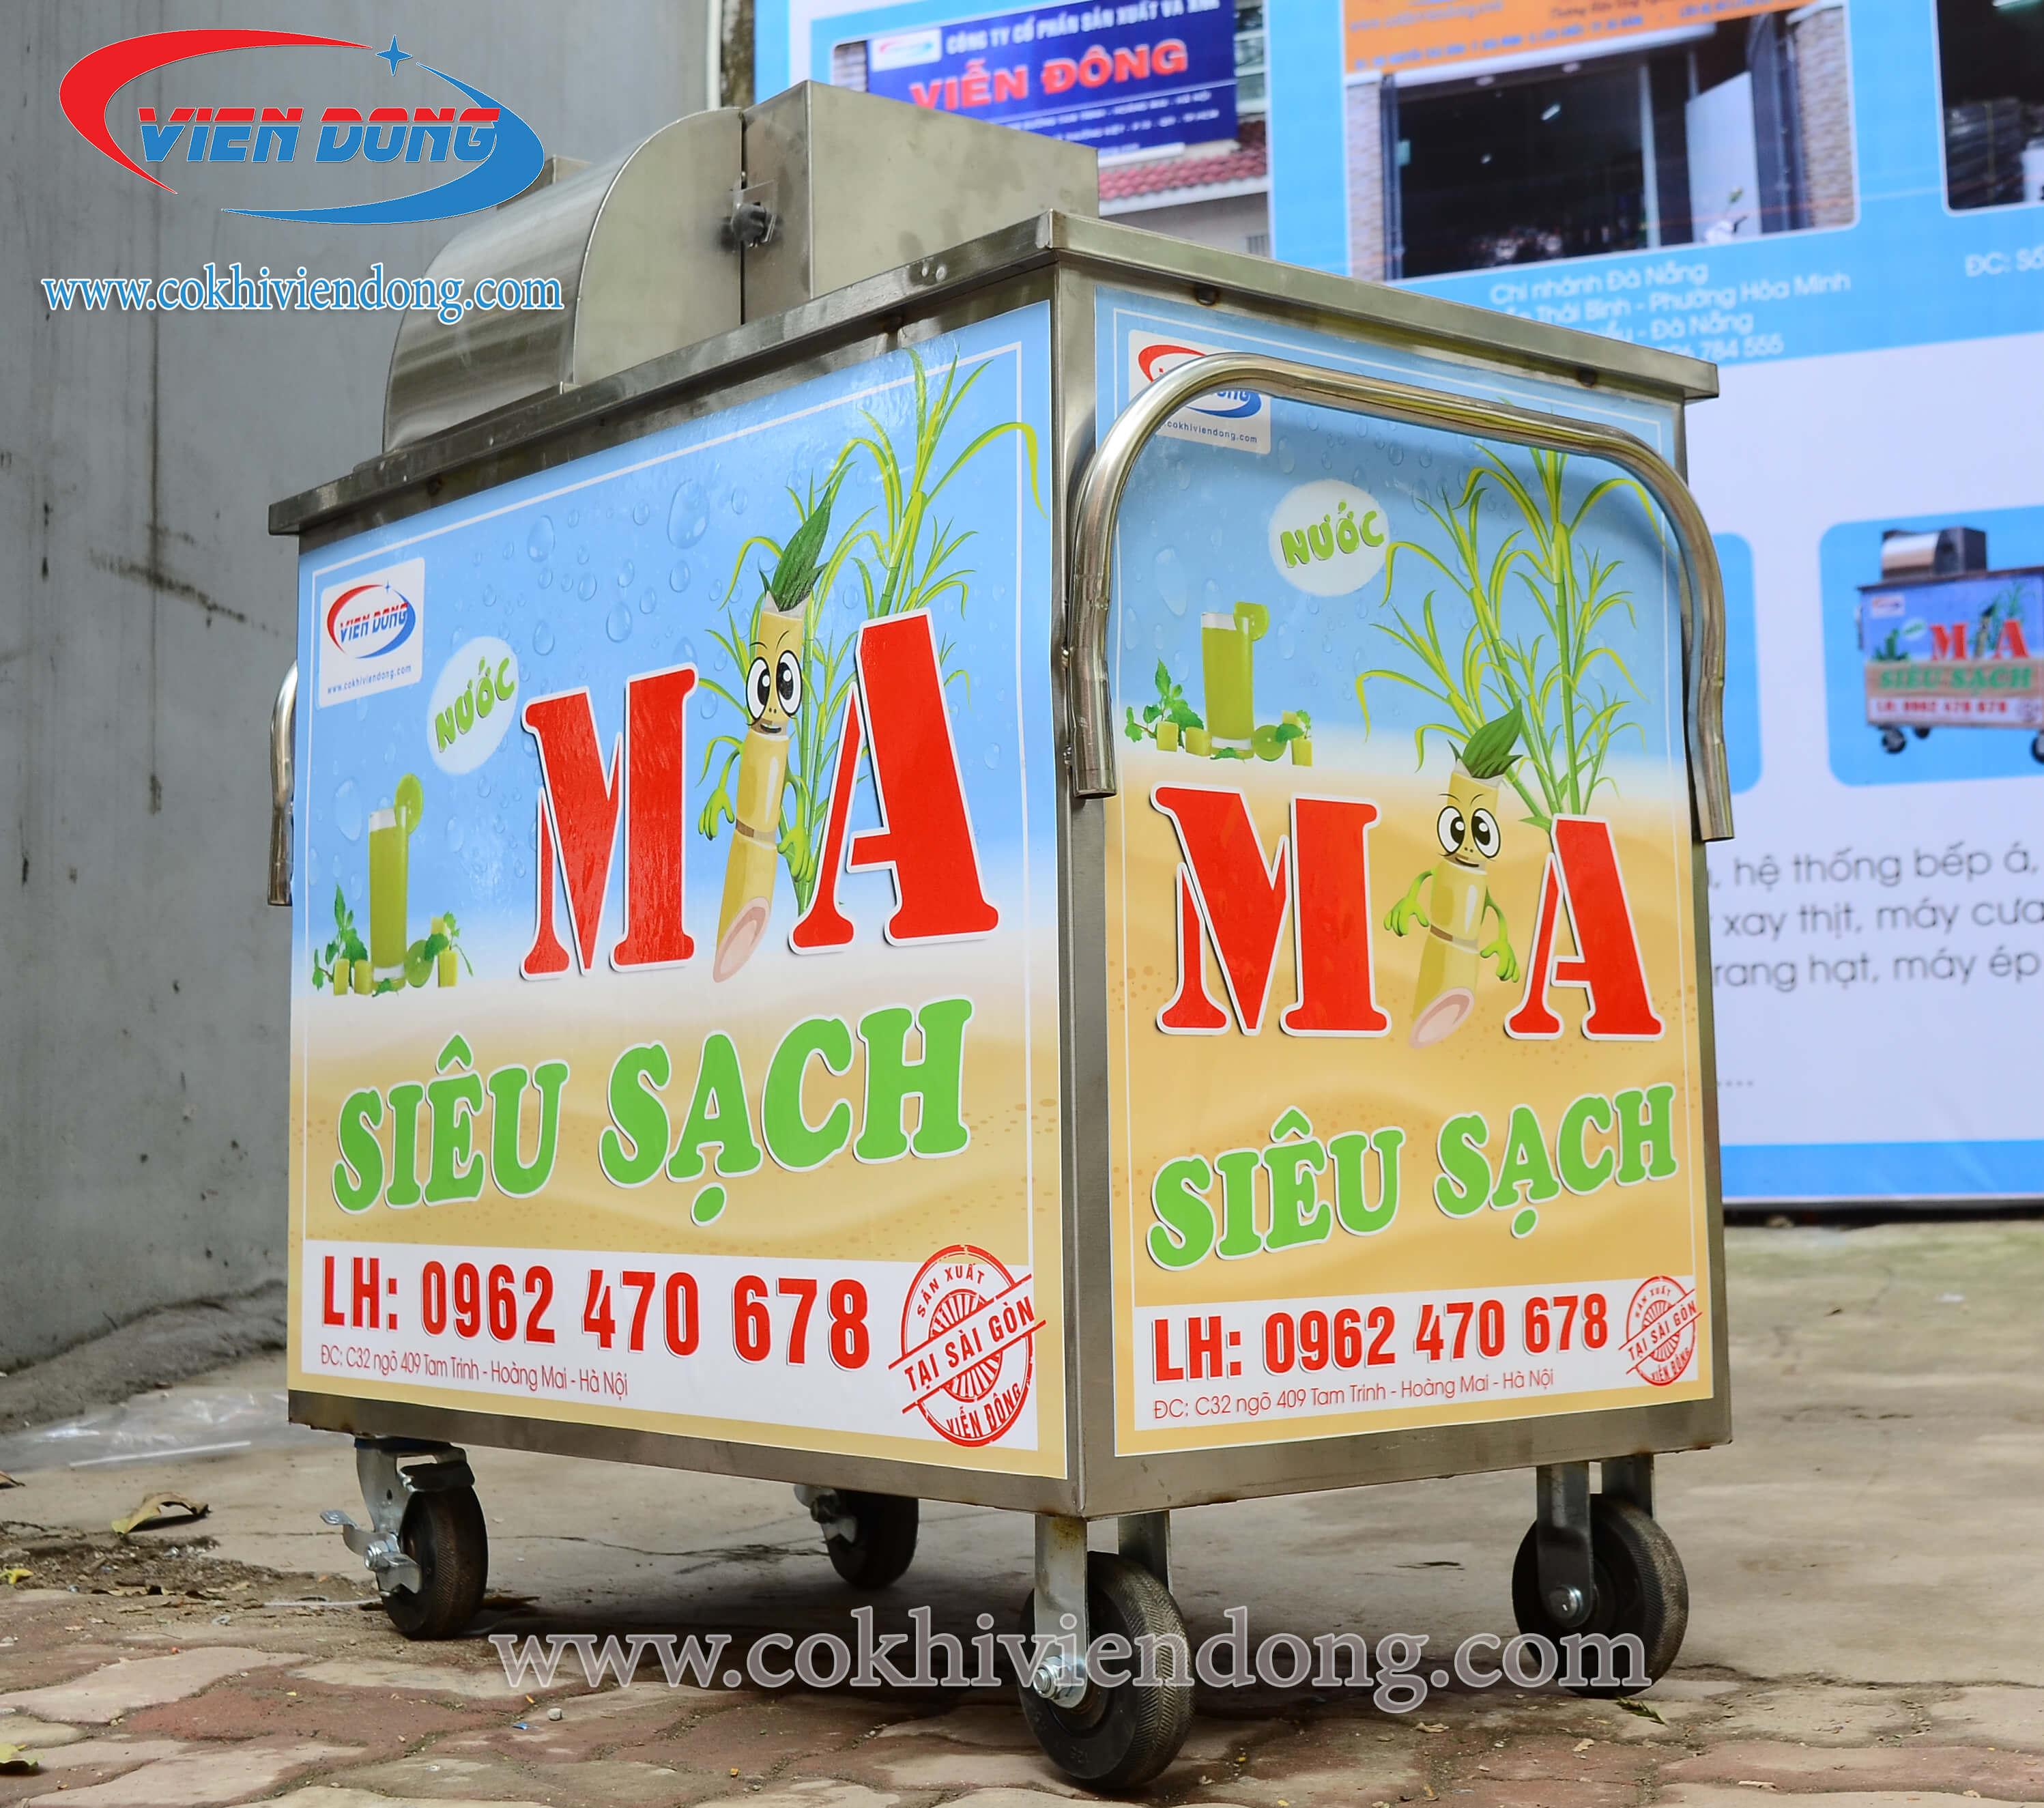 Vì sao bạn nên chọn xe nước mía siêu sạch Viễn Đông